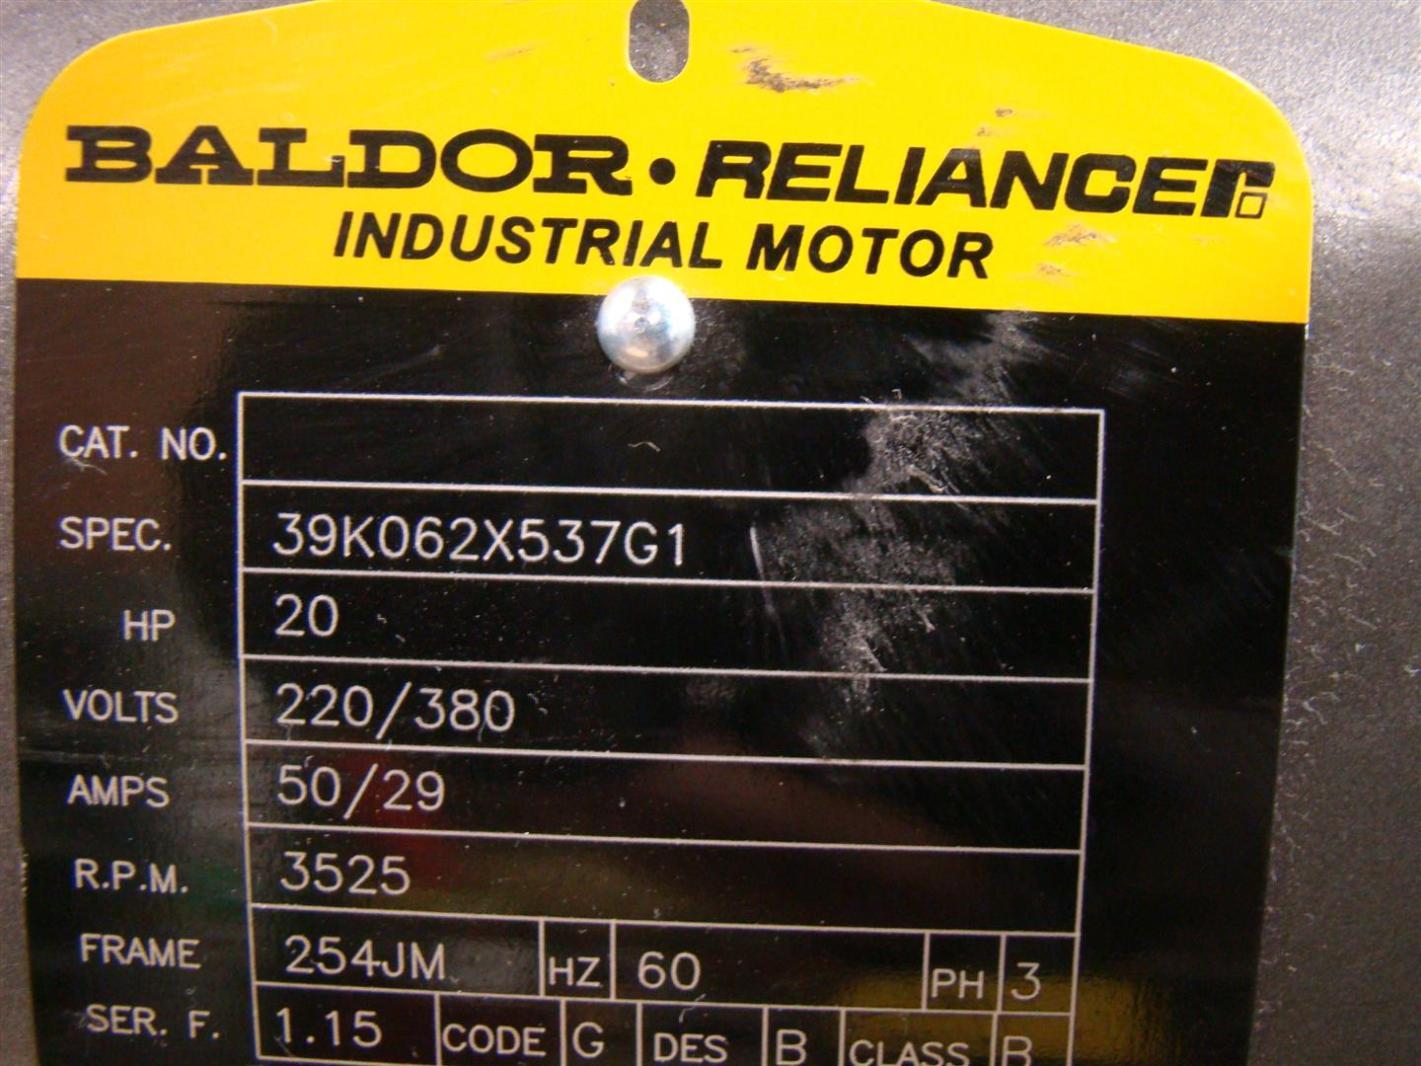 Baldor reliancer industrial motor 20hp 220 380v 50 29amps for Baldor reliance motor parts